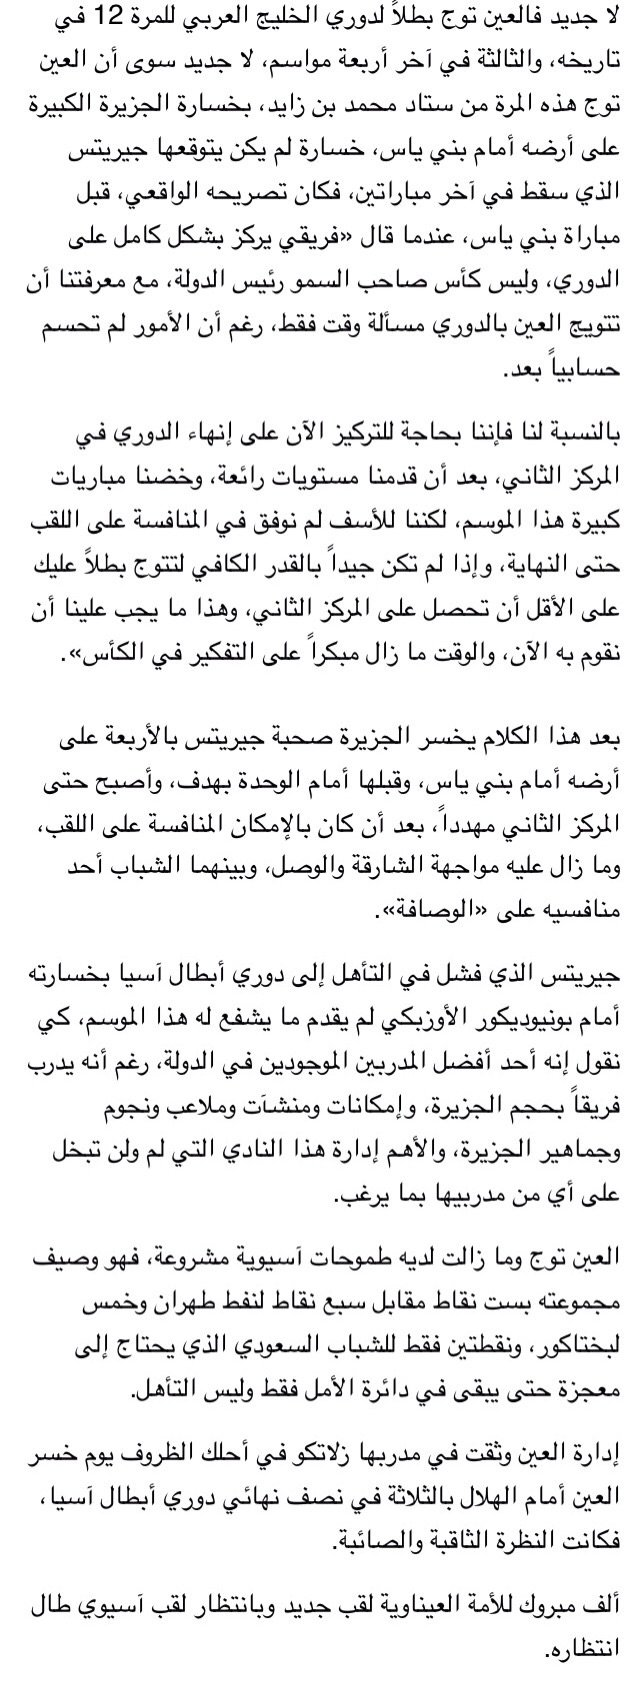 مصطفى الآغا يكتب : الزعامة واللقب .. عيناوي